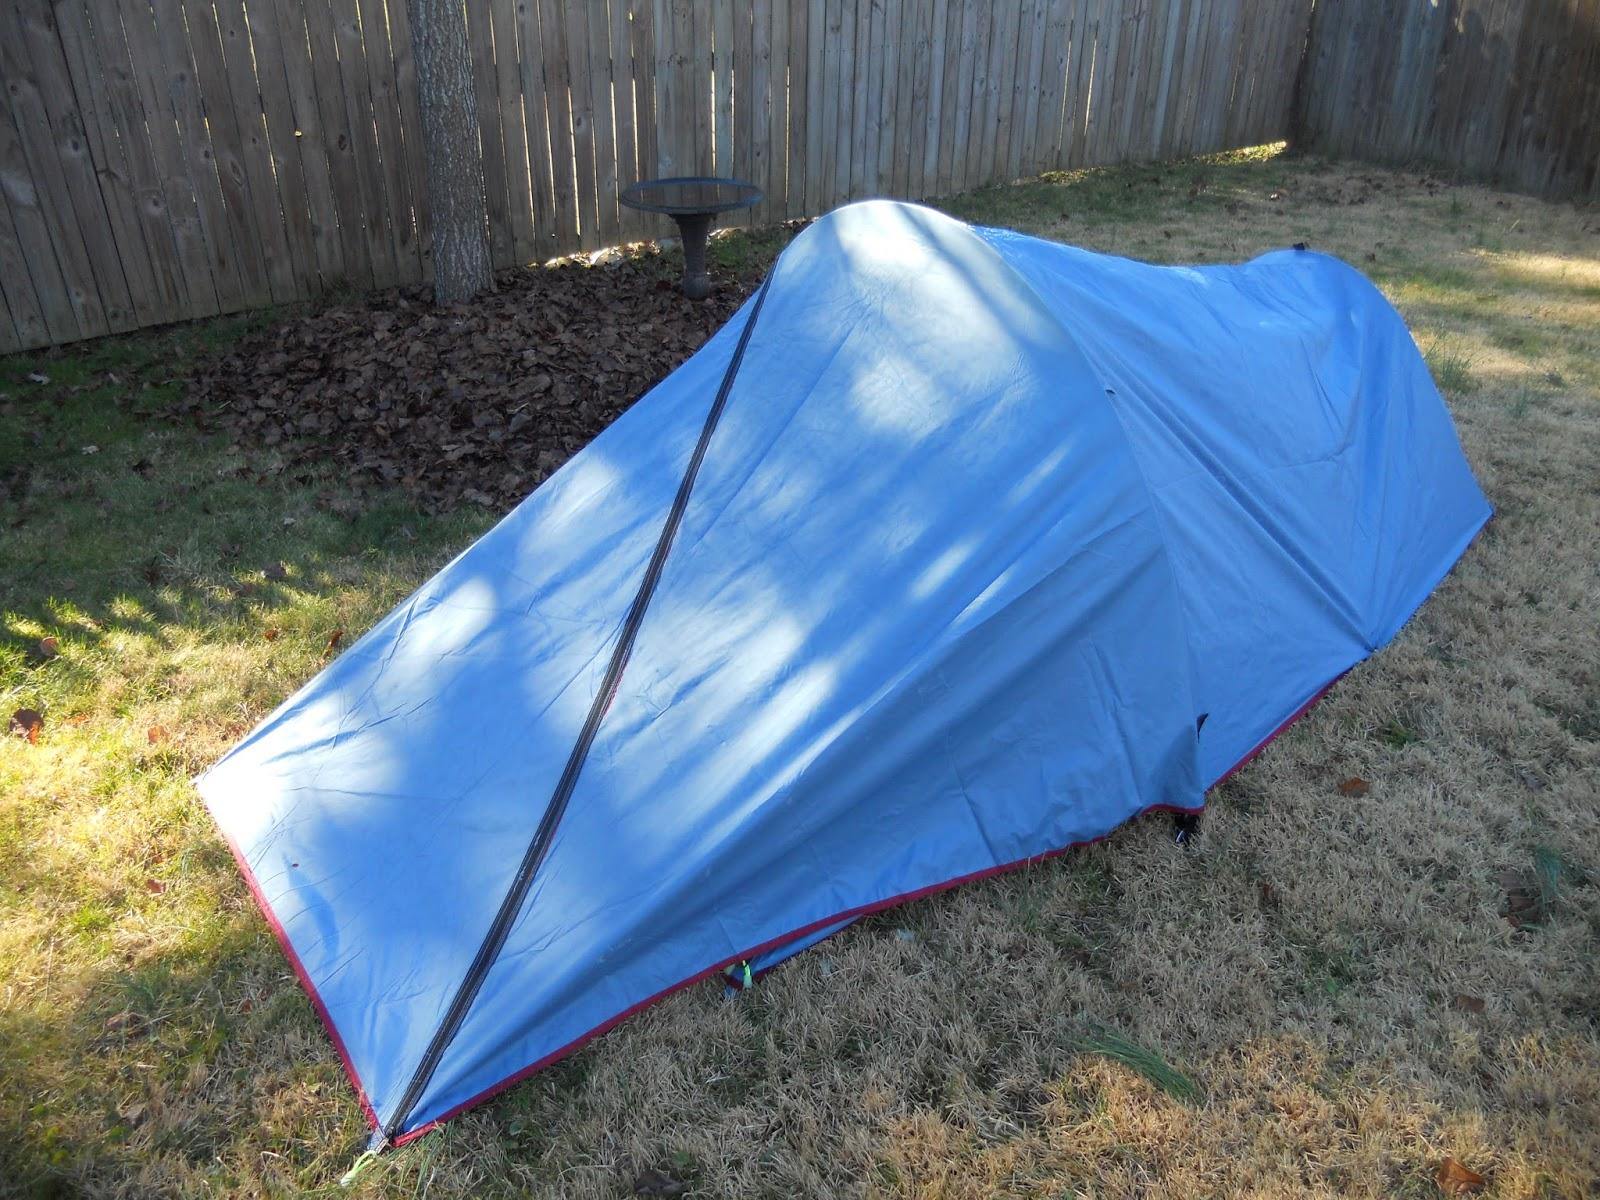 Texsport Saguaro Bivy Shelter Tent Texsport Saguaro Bivy Shelter Backpacking Tent ONLY $39.95 & Texsport Saguaro Bivy Shelter Tent: Texsport Saguaro Bivy Shelter ...